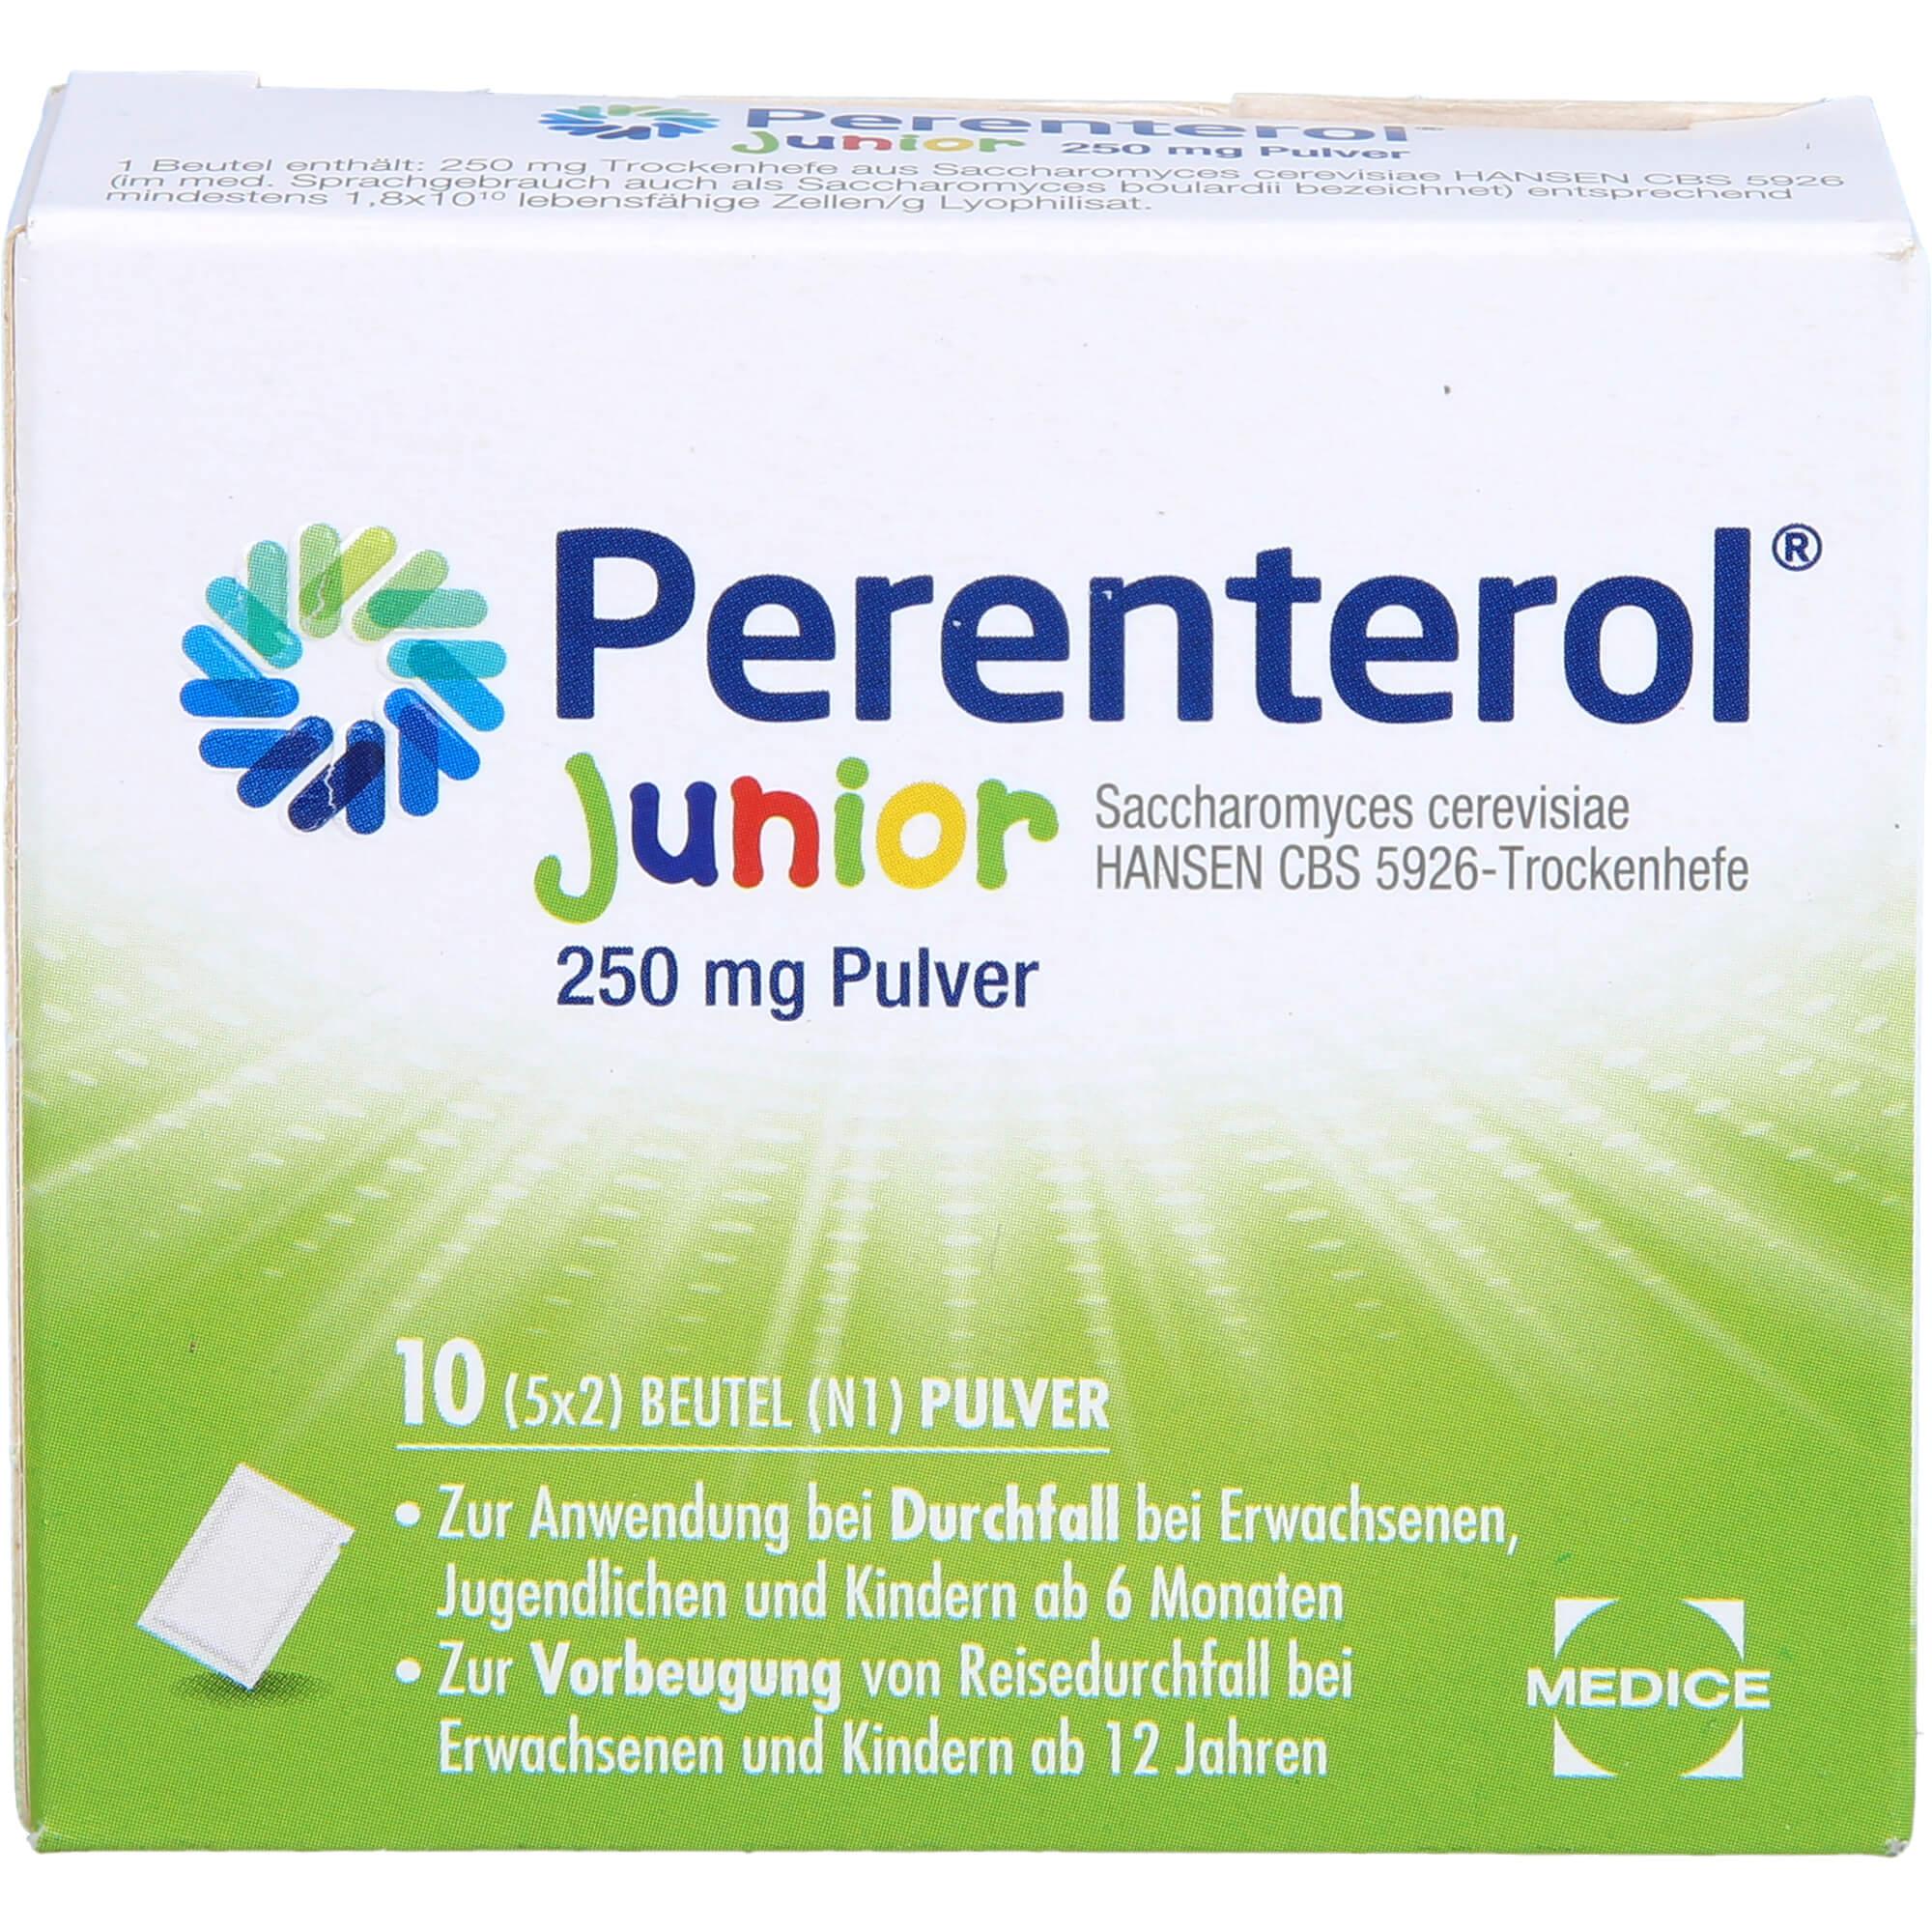 PERENTEROL Junior 250 mg Pulver Btl.